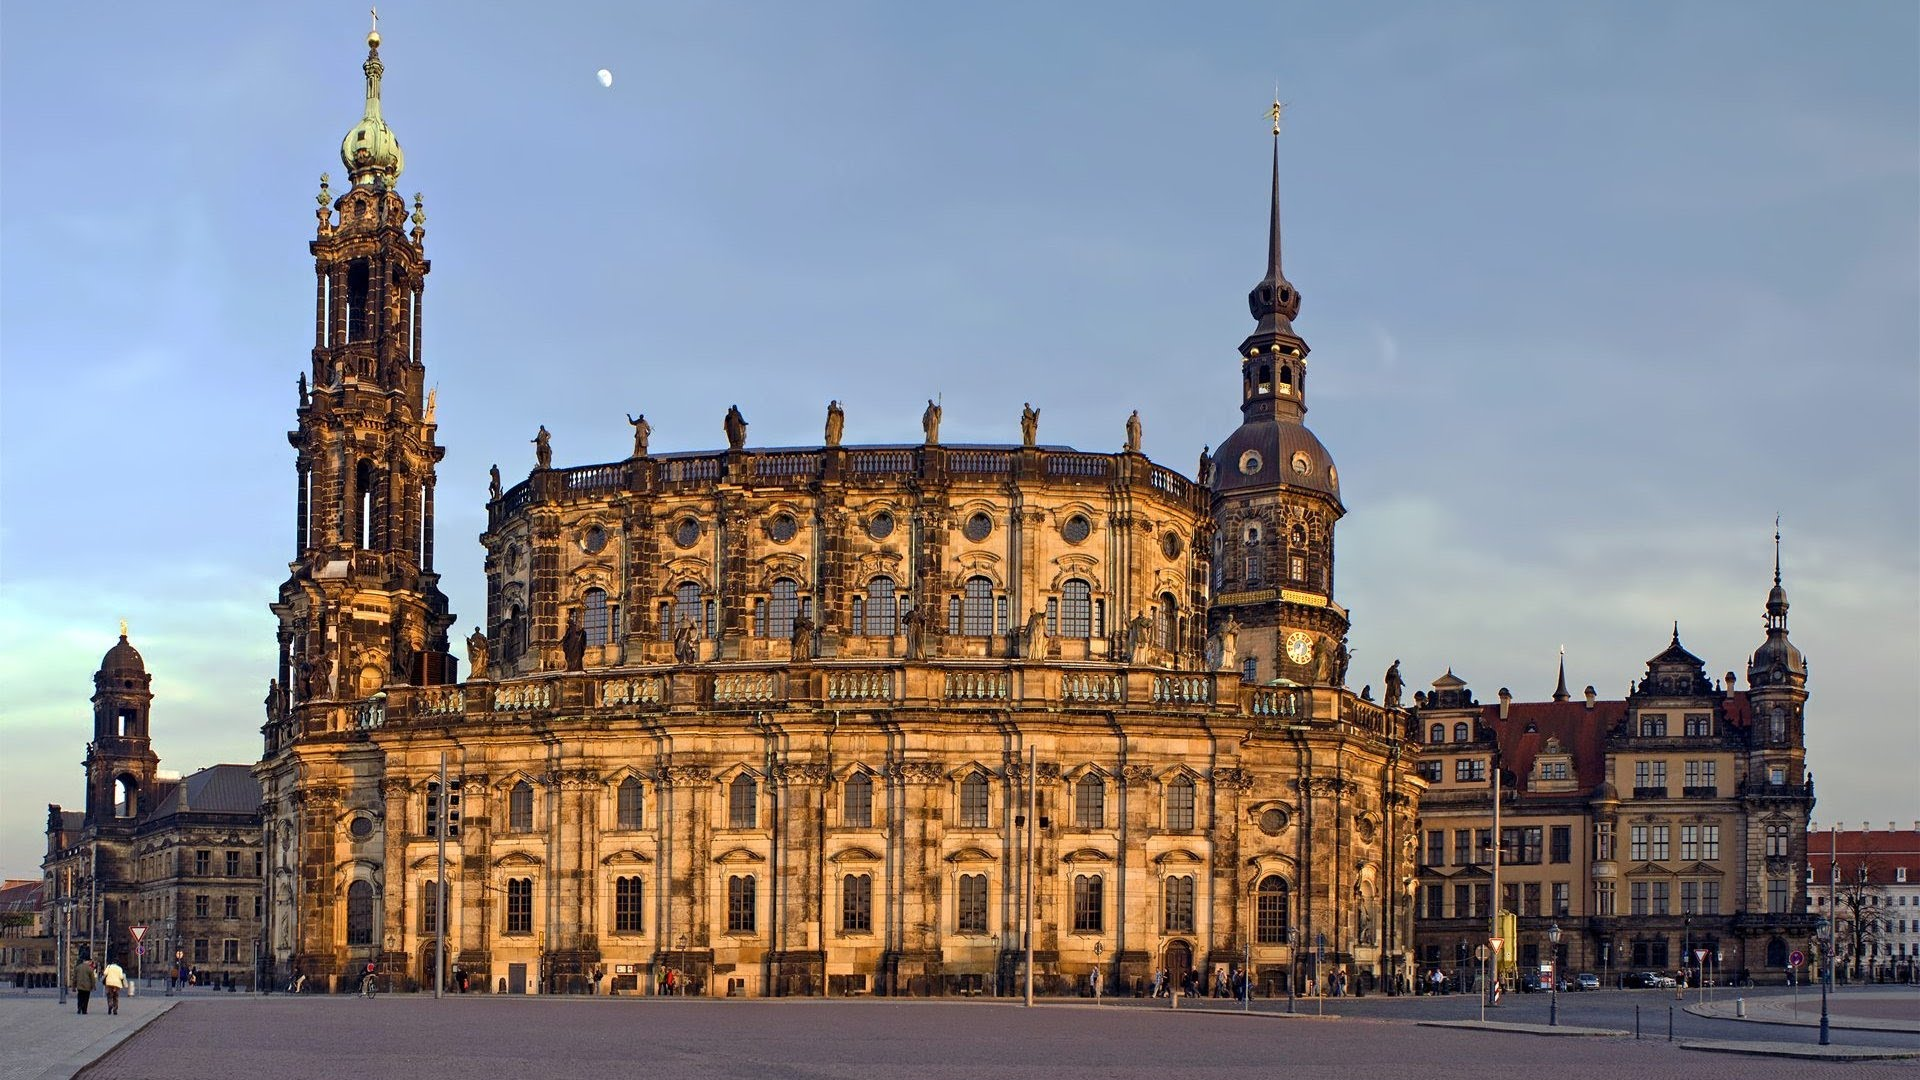 Достопримечательность в Дрездене